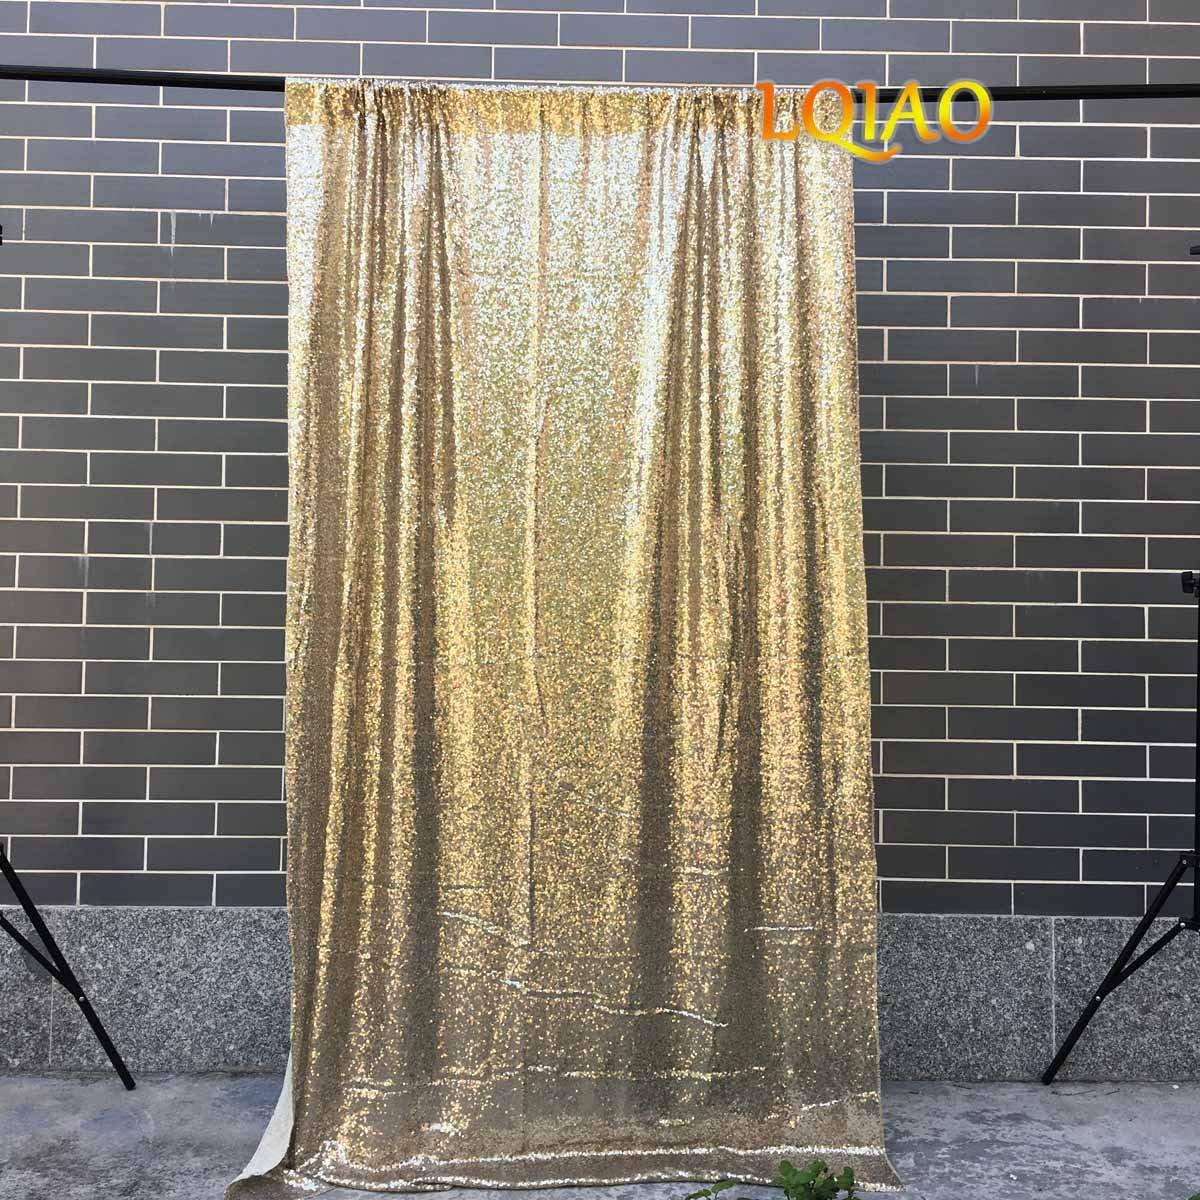 LQIAO ライトゴールド スパンコール バックドロップ 4フィートx8フィート キラキラスパンコール ファブリック 写真背景 刺繍 フルスパンコール メッシュ生地 背景 パーティー ウェディング セレモニー 背景   B07GN848QZ